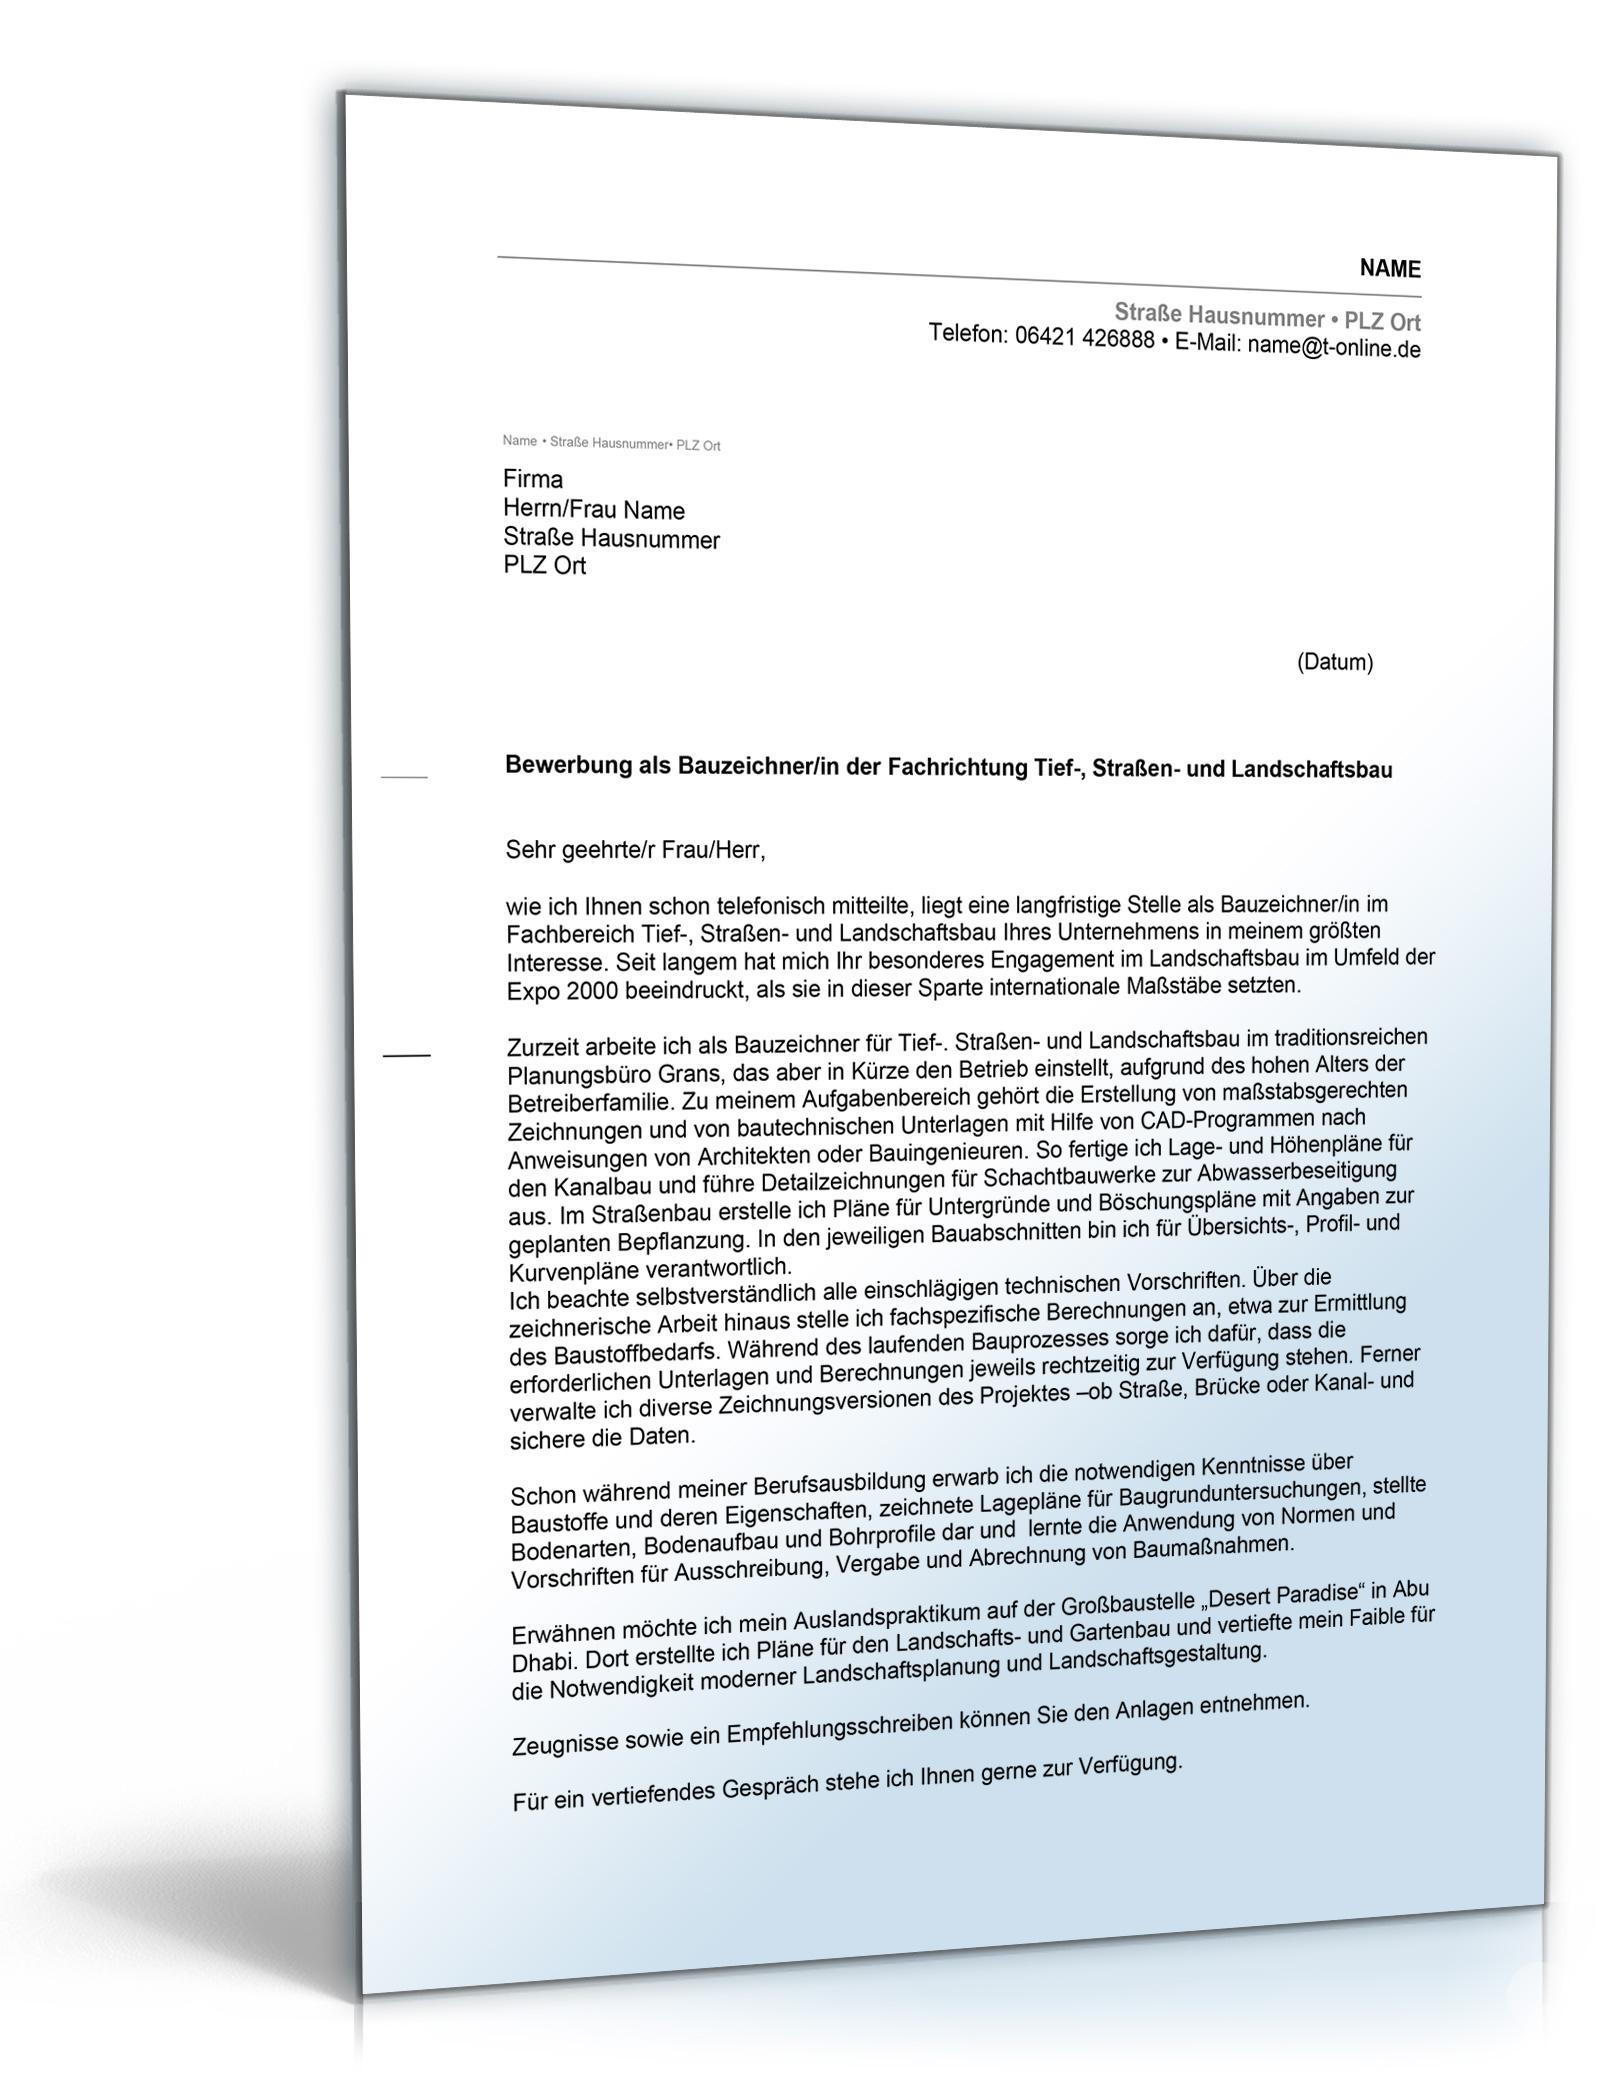 Anschreiben Architektur Bewerbung: Anschreiben Bewerbung (Bauzeichner